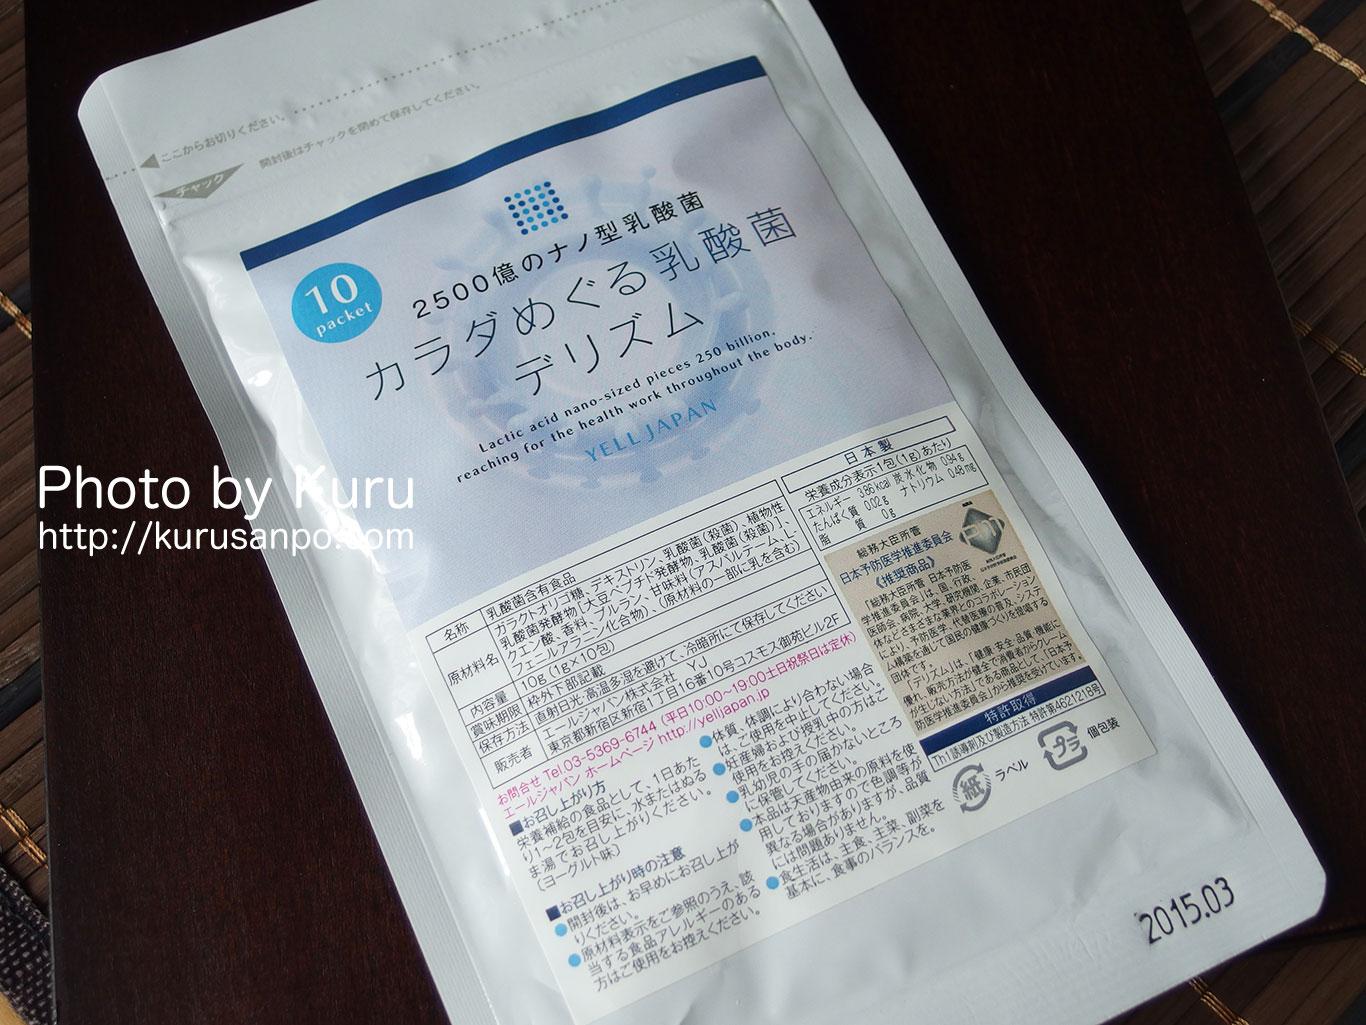 特許取得のナノ型乳酸菌『カラダめぐる乳酸菌 デリズム』を飲んでみた♪